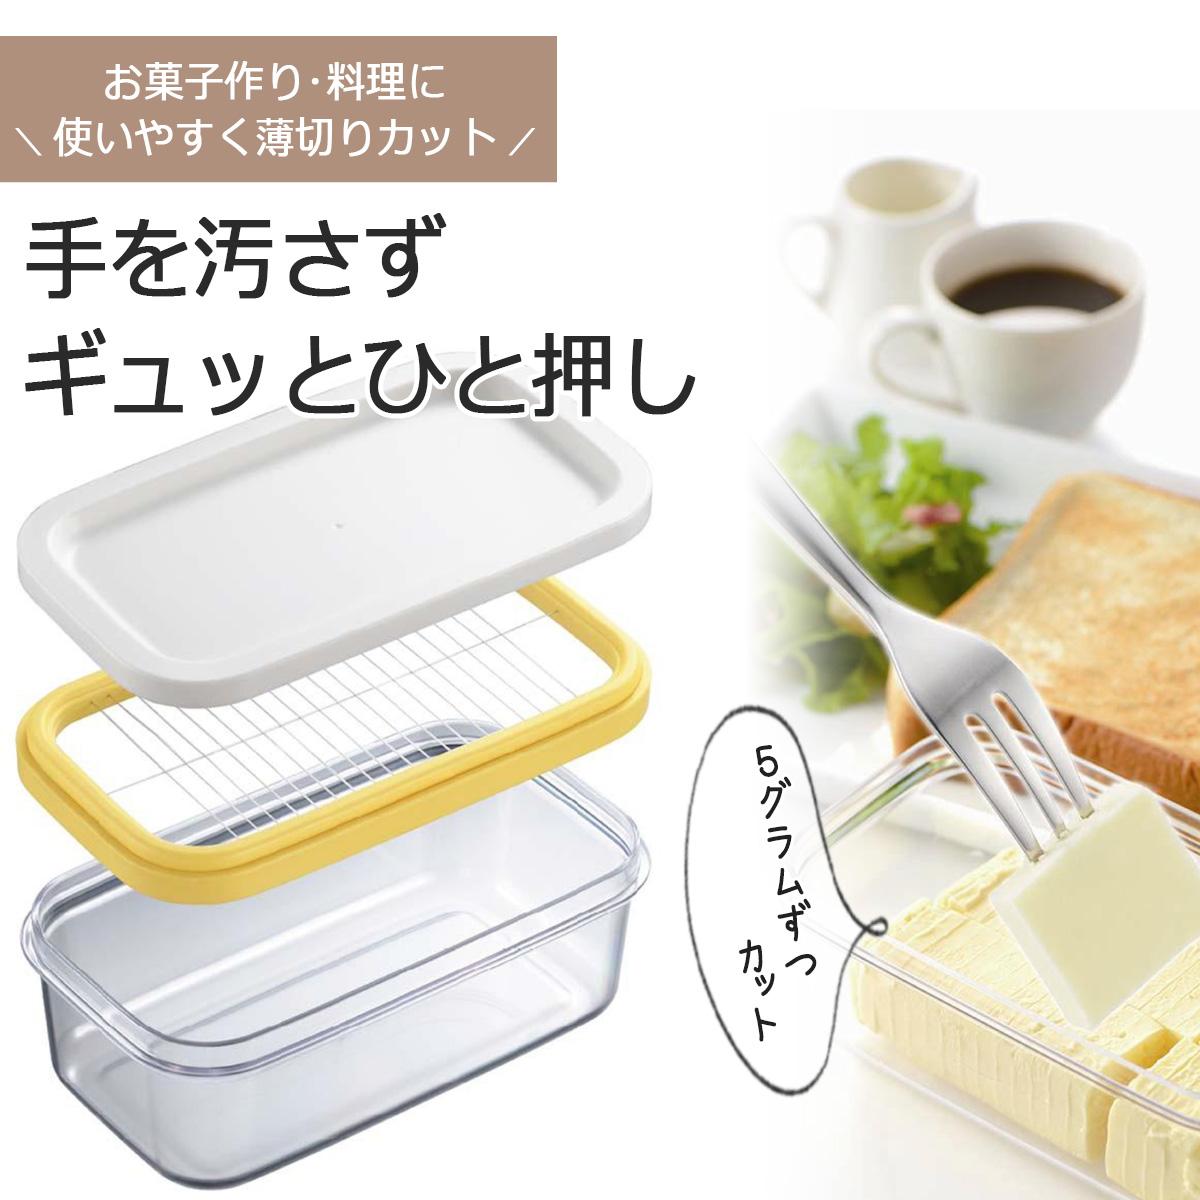 計量不要燕三条 好評受付中 ツバメ 国産 カット できちゃう バターケース日本製 保存ケース 無料サンプルOK クッキー トースト手間いらず パン作りバターカット 食パン うす切り ホットケーキお菓子作り 5g